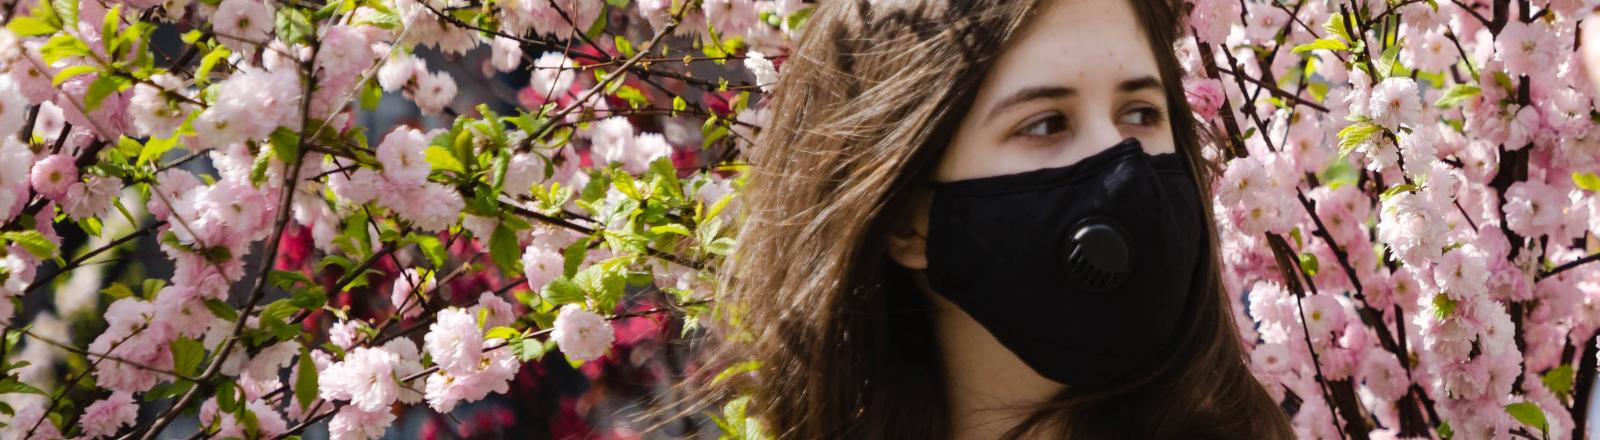 Frau mit Mundschutz steht vor blühenden Bäumen